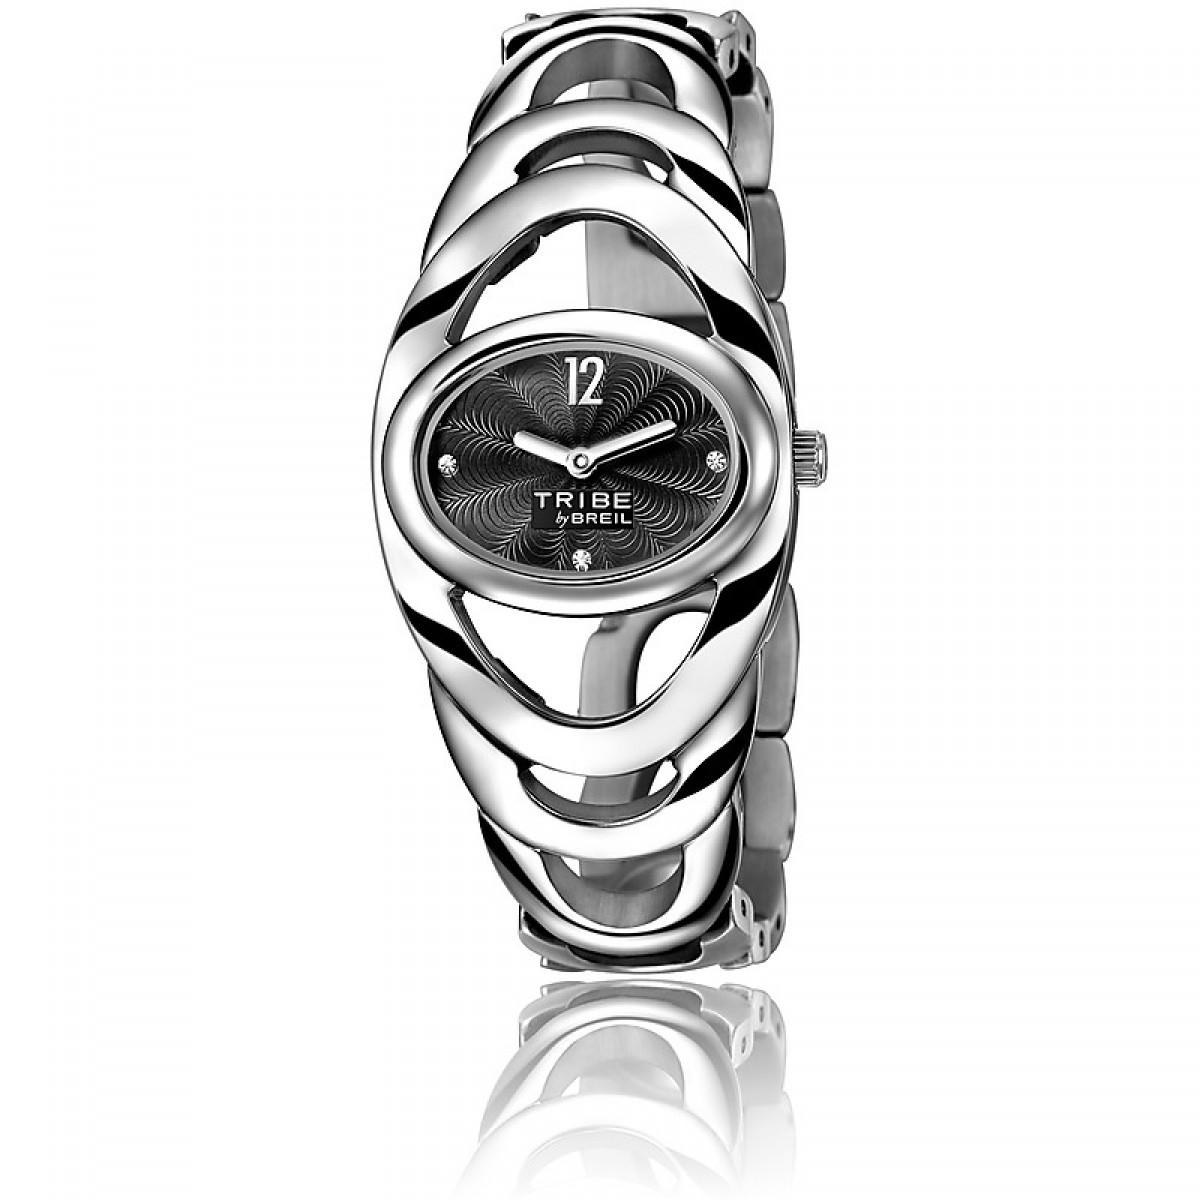 TW0883 orologio solo tempo breil tribe saturn donna quadrante nero con swaroski - Orologi Valsusa